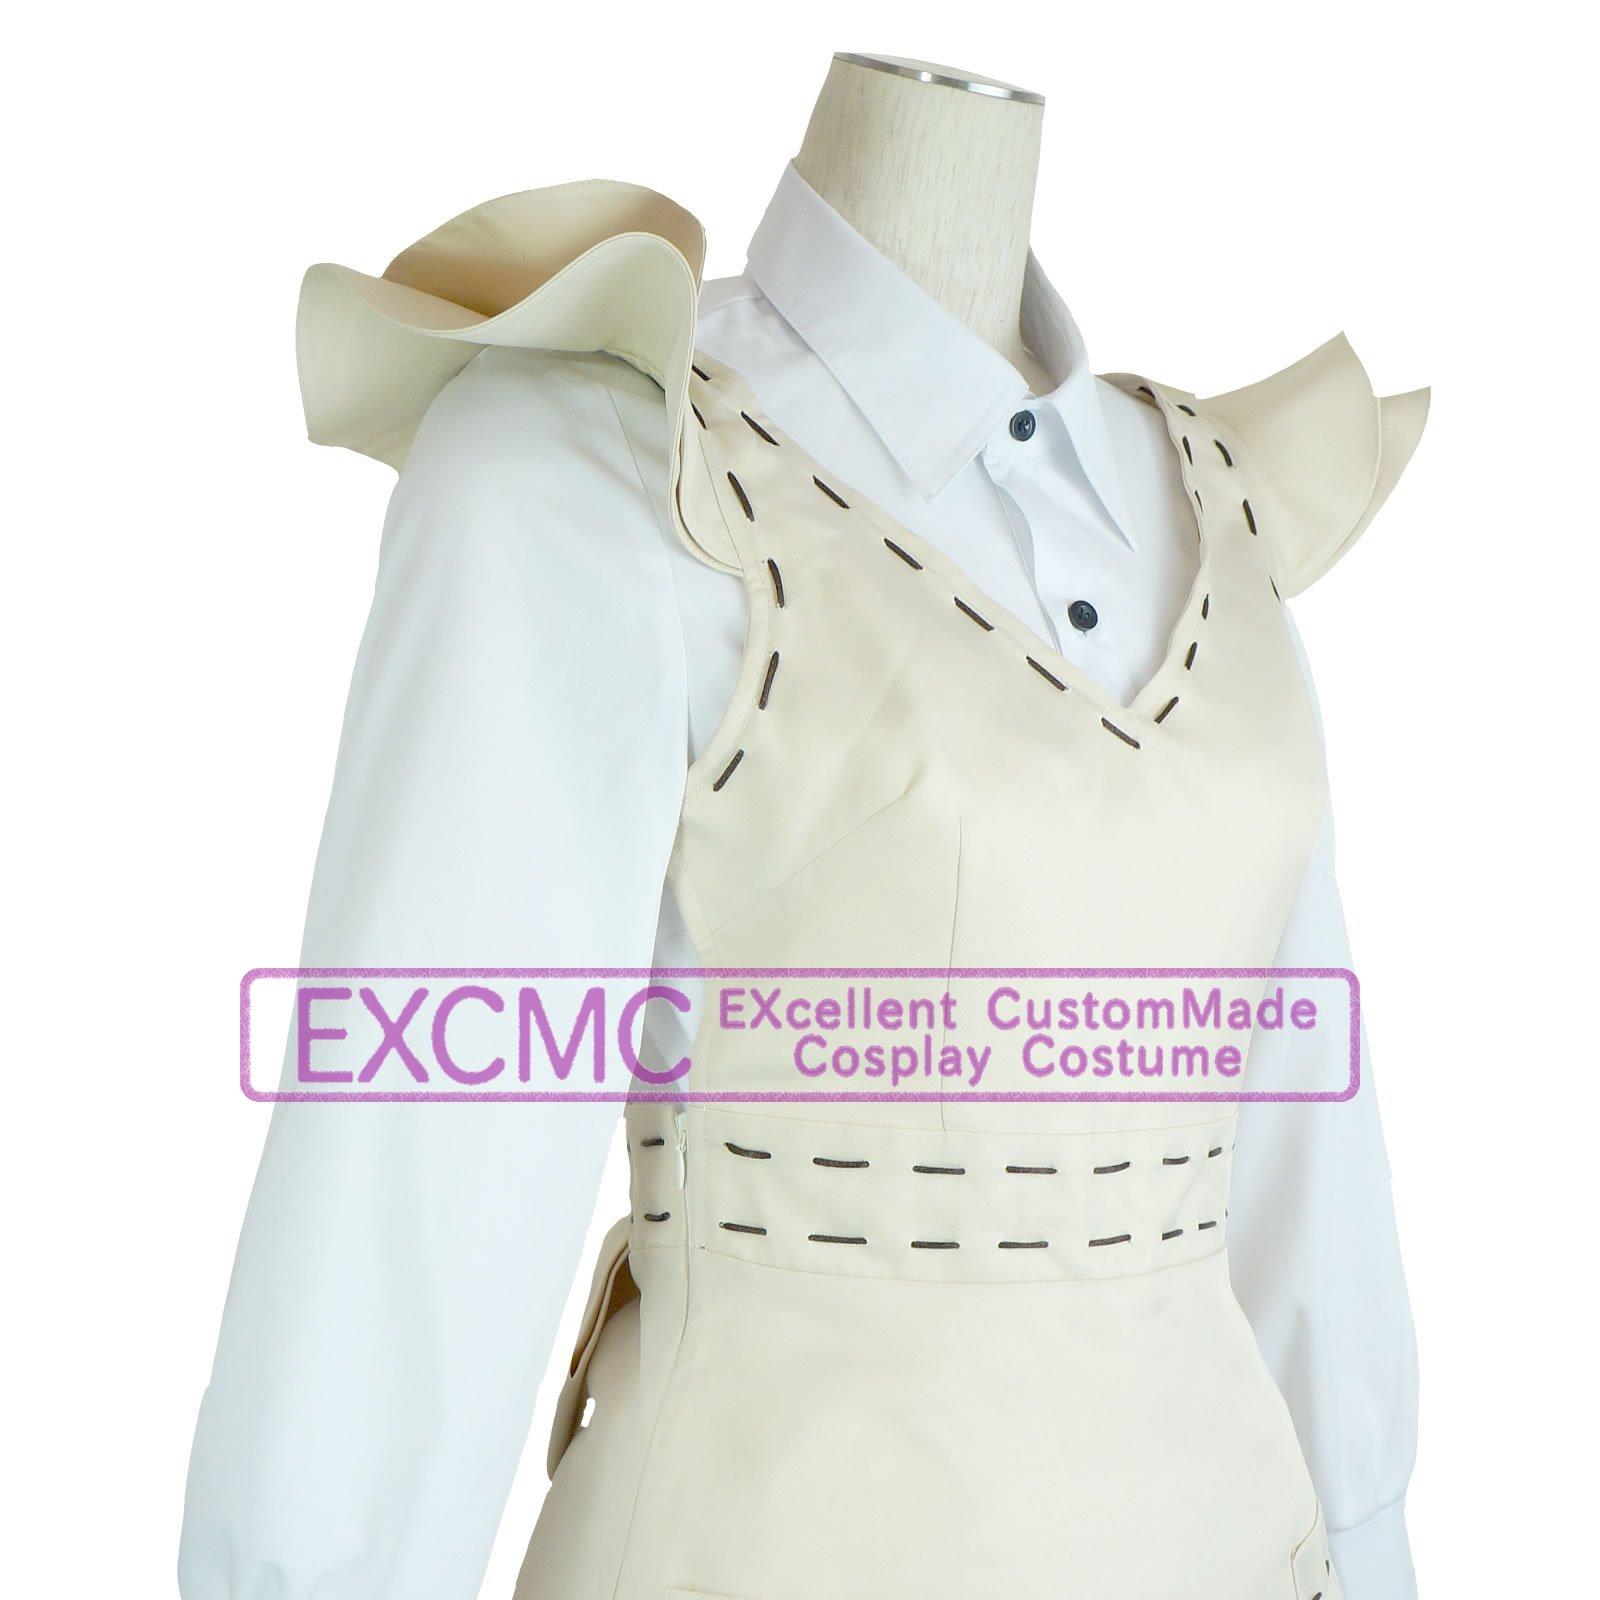 ヘタリア ベトナム ハロウィンメイド 風 コスプレ衣装3